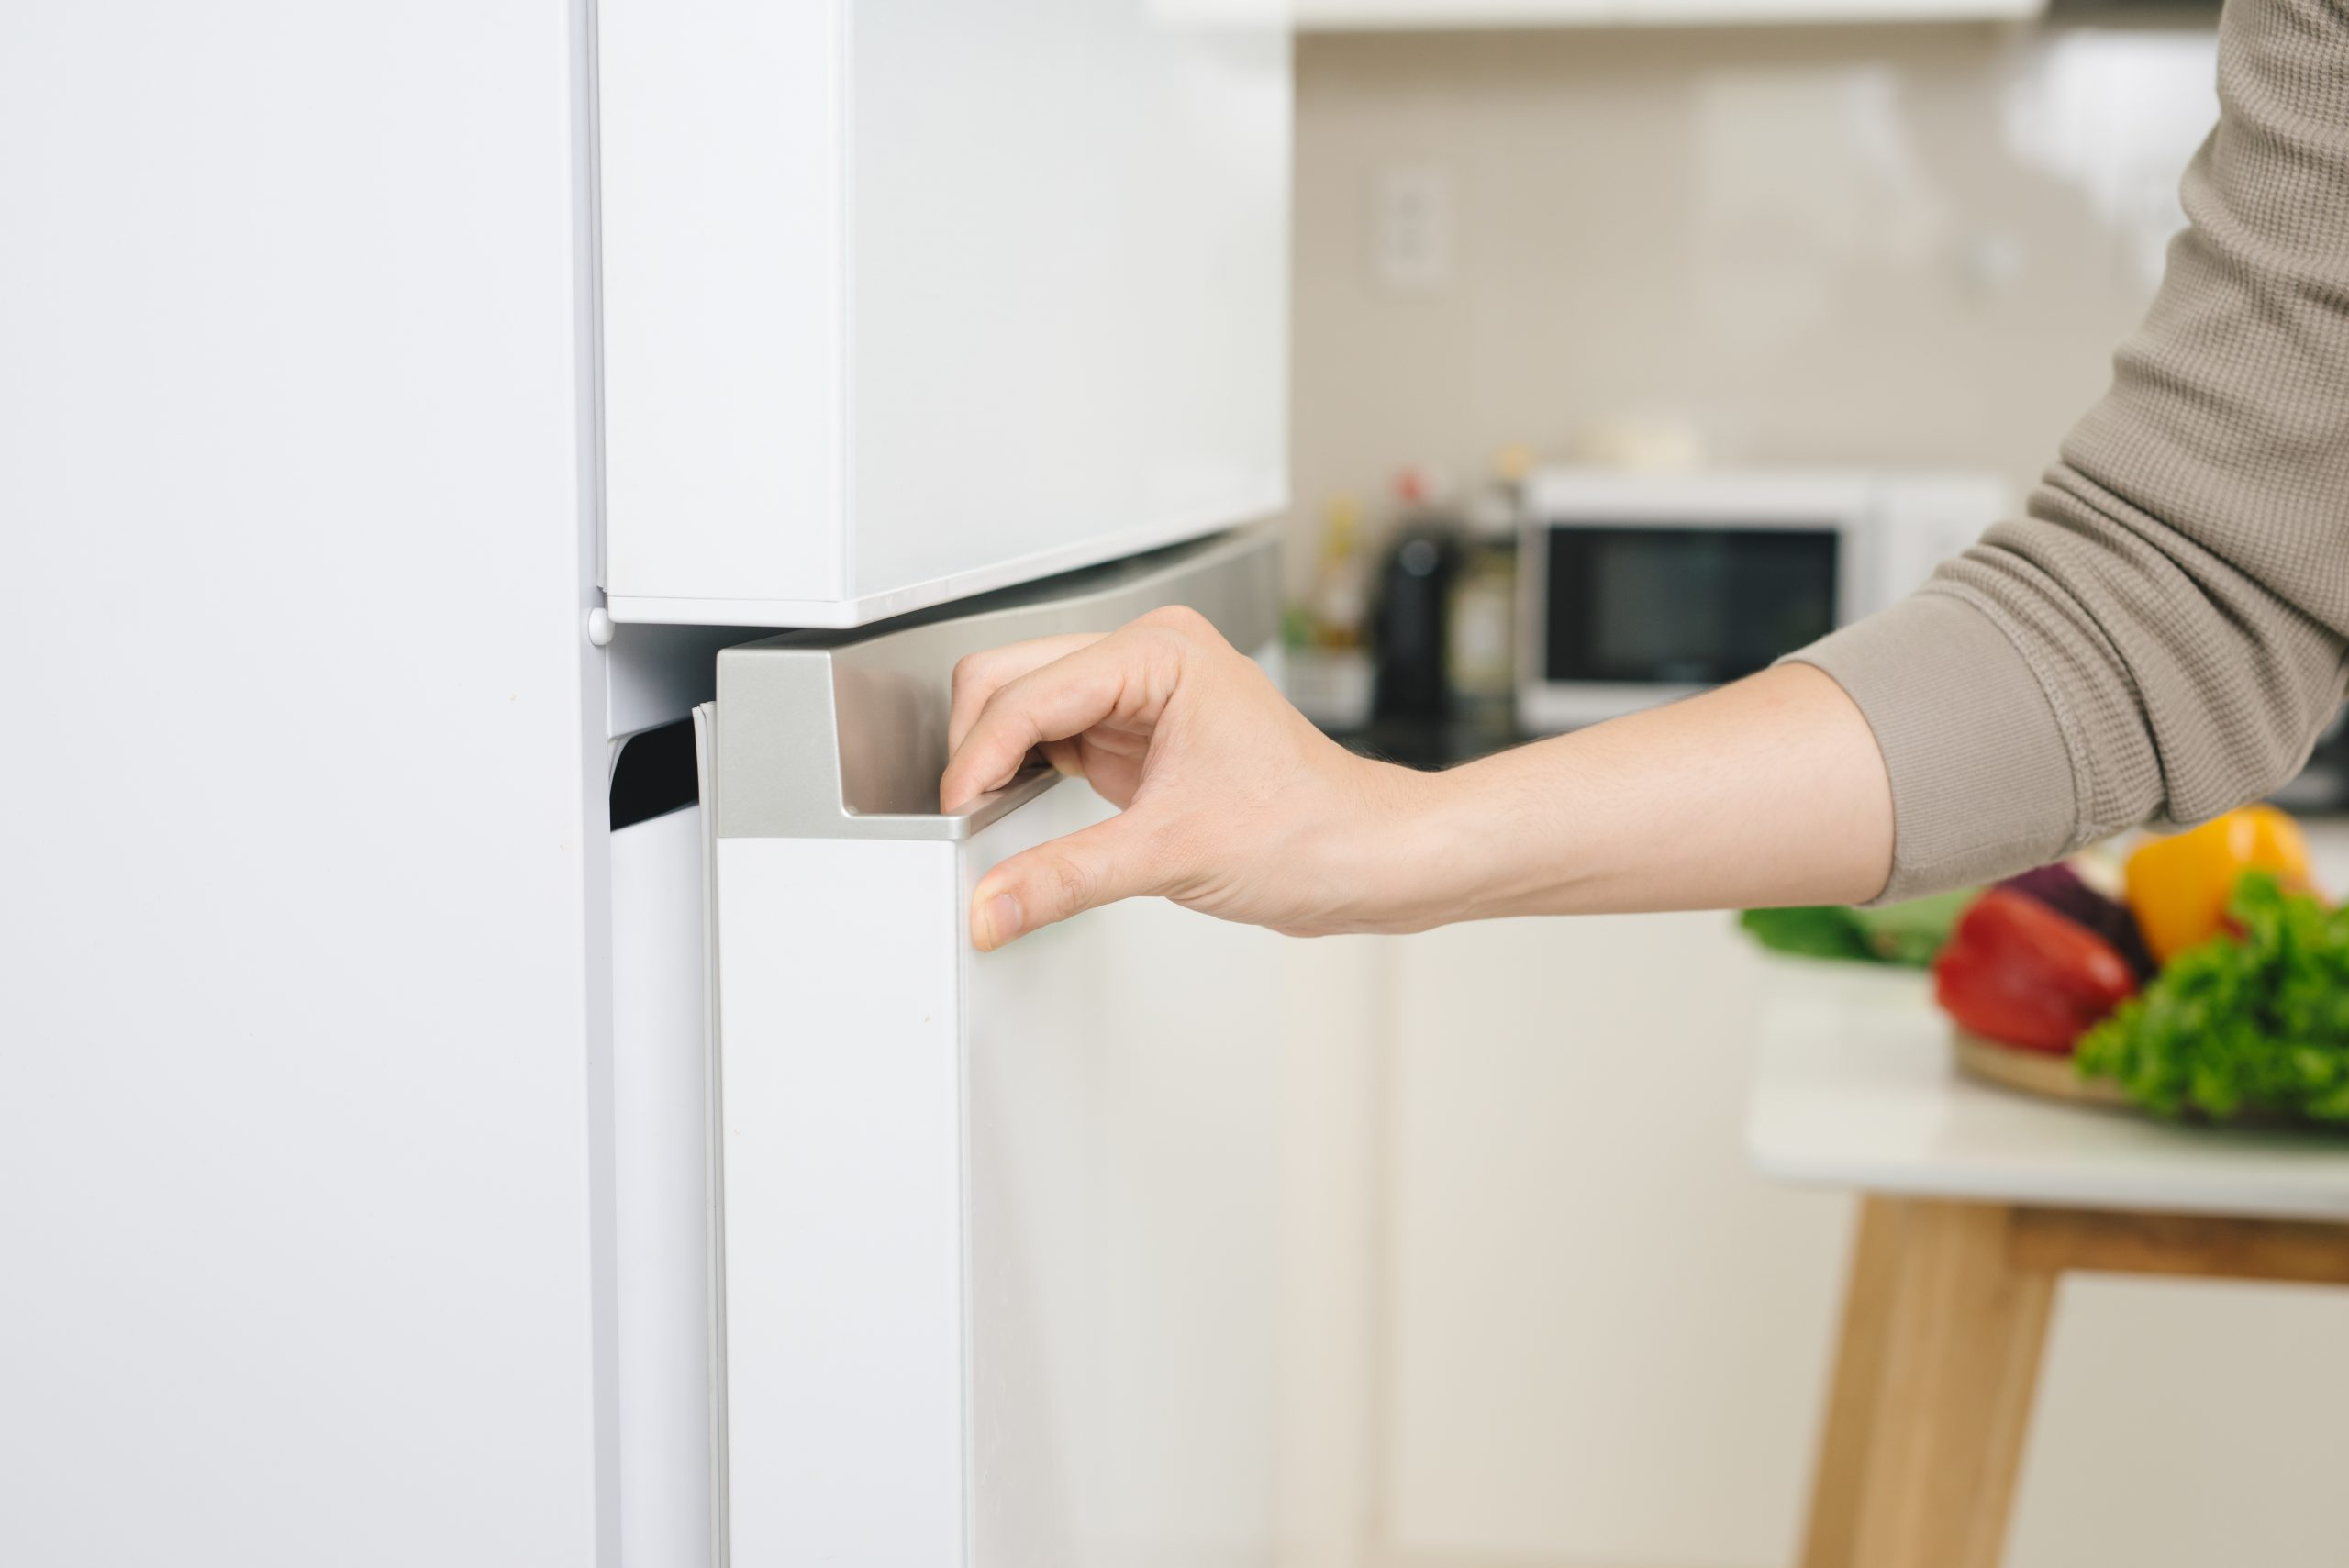 Exquisit Kühlschrank: Test & Empfehlungen (07/20)